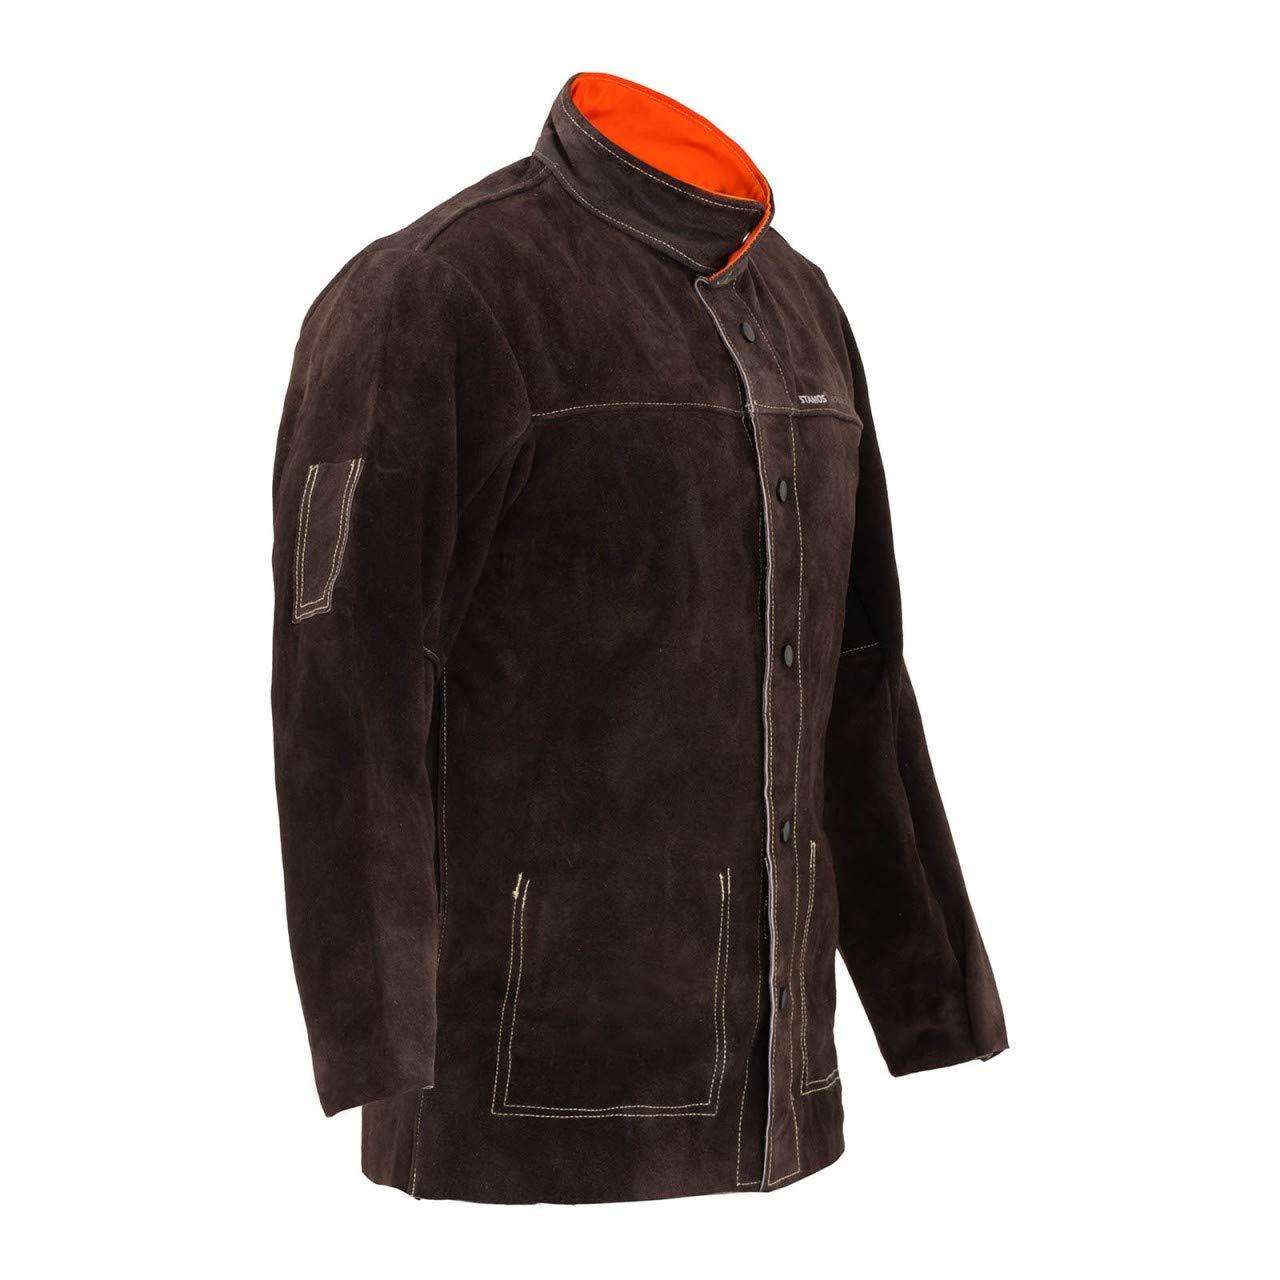 Stamos Welding Chaqueta de soldador Ropa Trabajo SWJ01M (Talla M, Cuero vacuno, Costuras resistentes al calor, Botones aislantes) Verde oscuro: Amazon.es: Bricolaje y herramientas